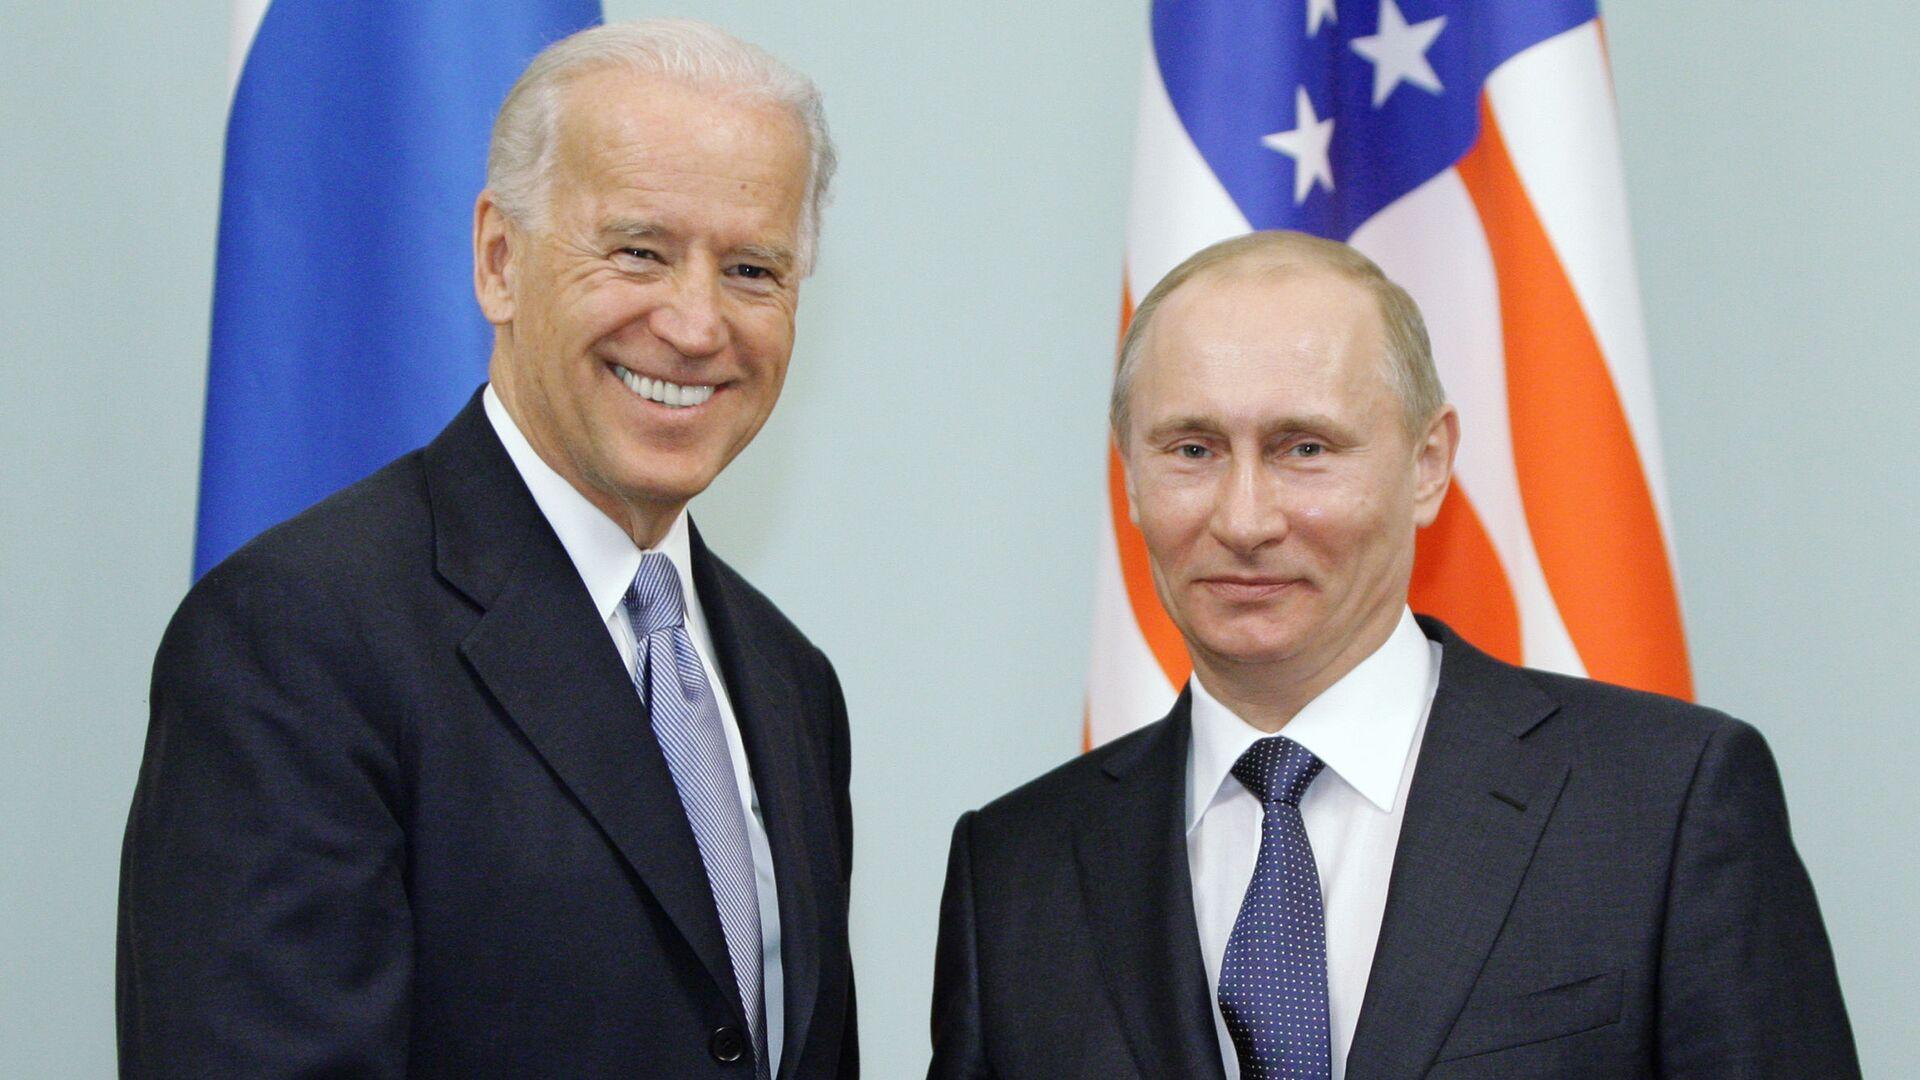 Il primo ministro russo Vladimir Putin durante un incontro con il vicepresidente statunitense Joseph Biden, 2011 - Sputnik Italia, 1920, 01.06.2021